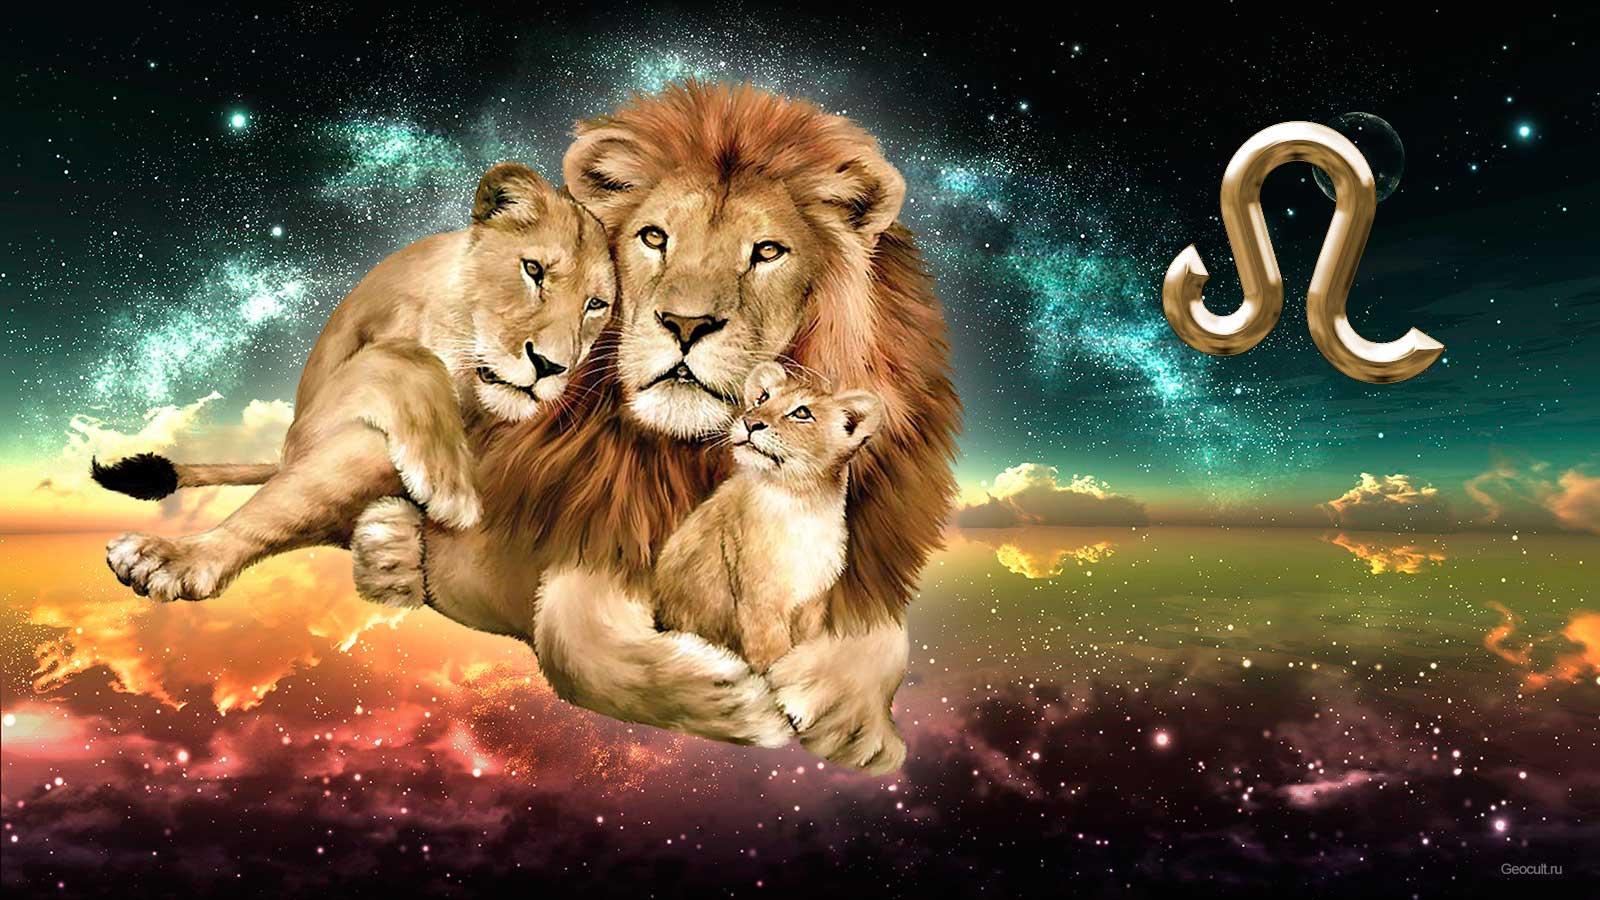 Поздравление с днем рождения львице фото 837